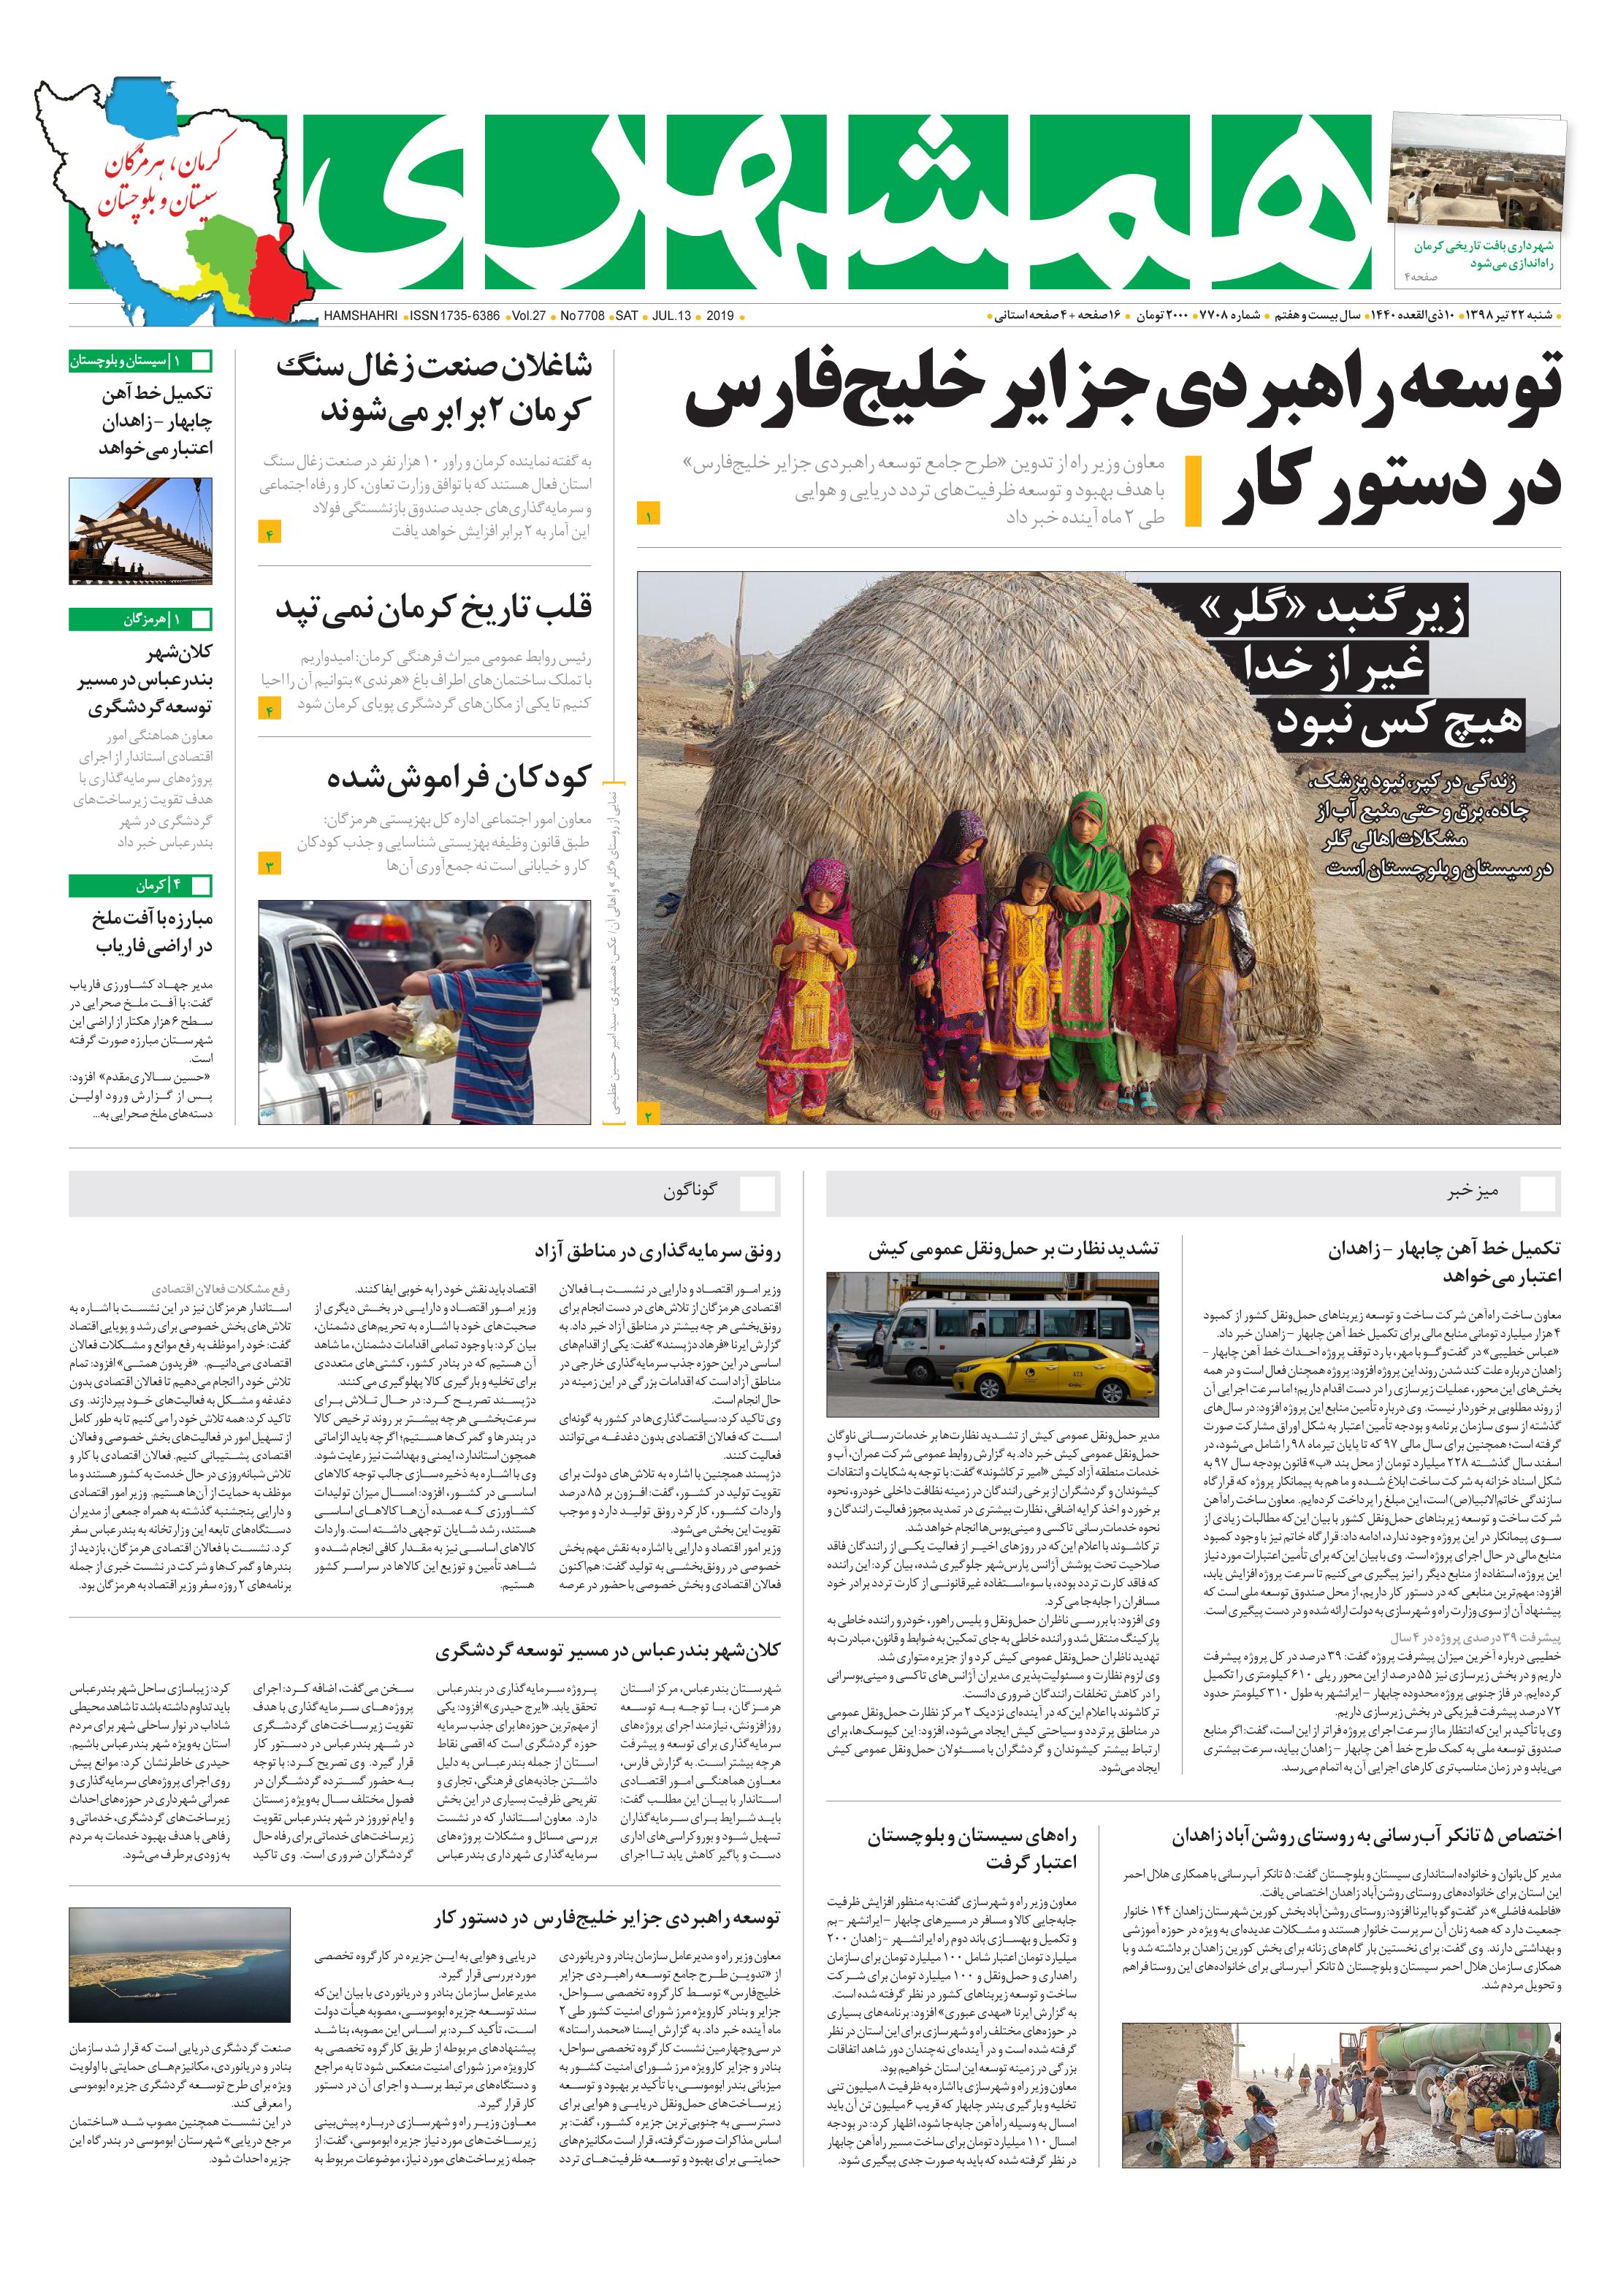 کرمان، هرمزگان، سیستان و بلوچستان